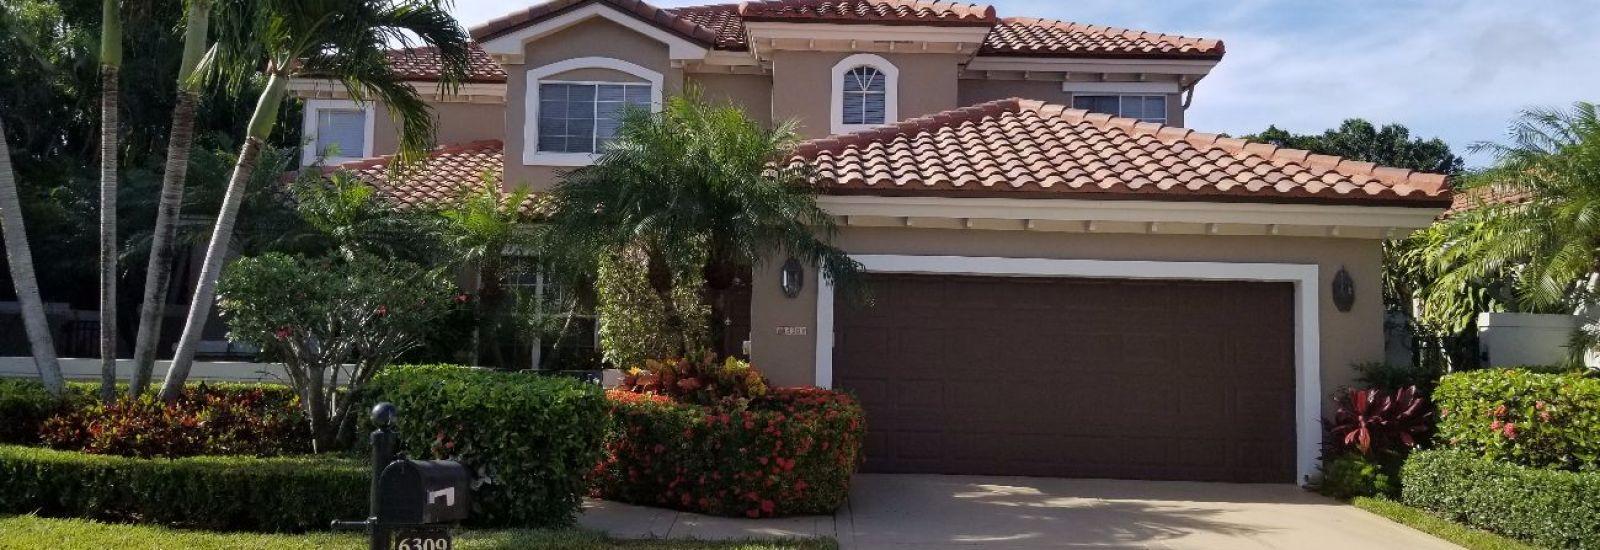 Leak Repair Residential Latite Roofing